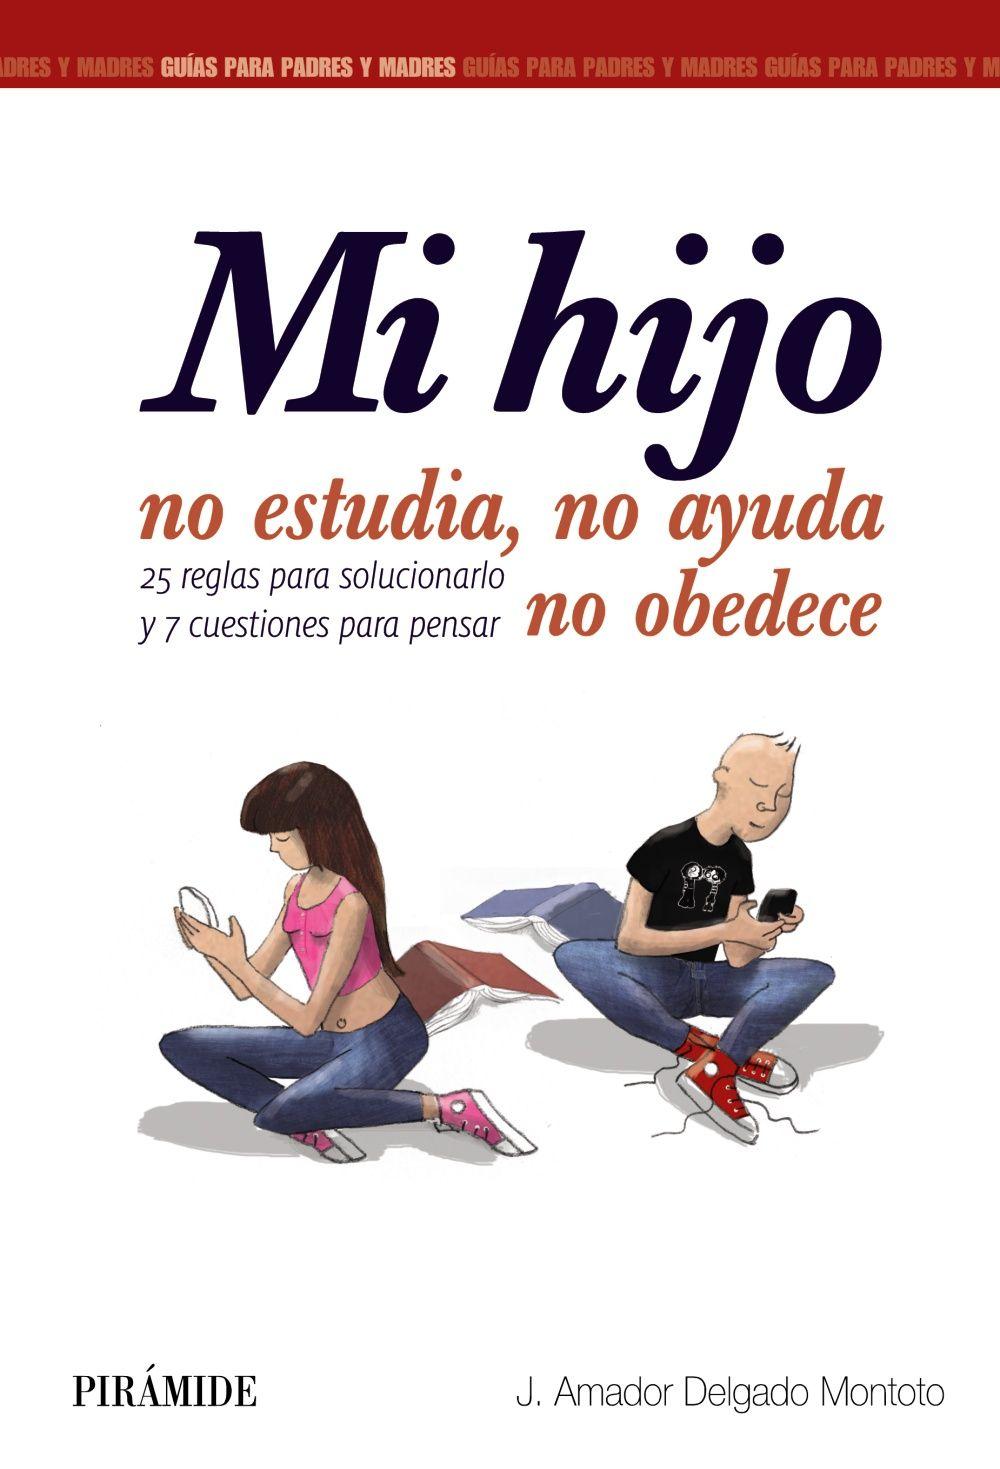 """""""MI HIJO NO ESTUDIA, NO AYUDA, NO OBEDECE"""" J. Amador Delgado Montoto"""